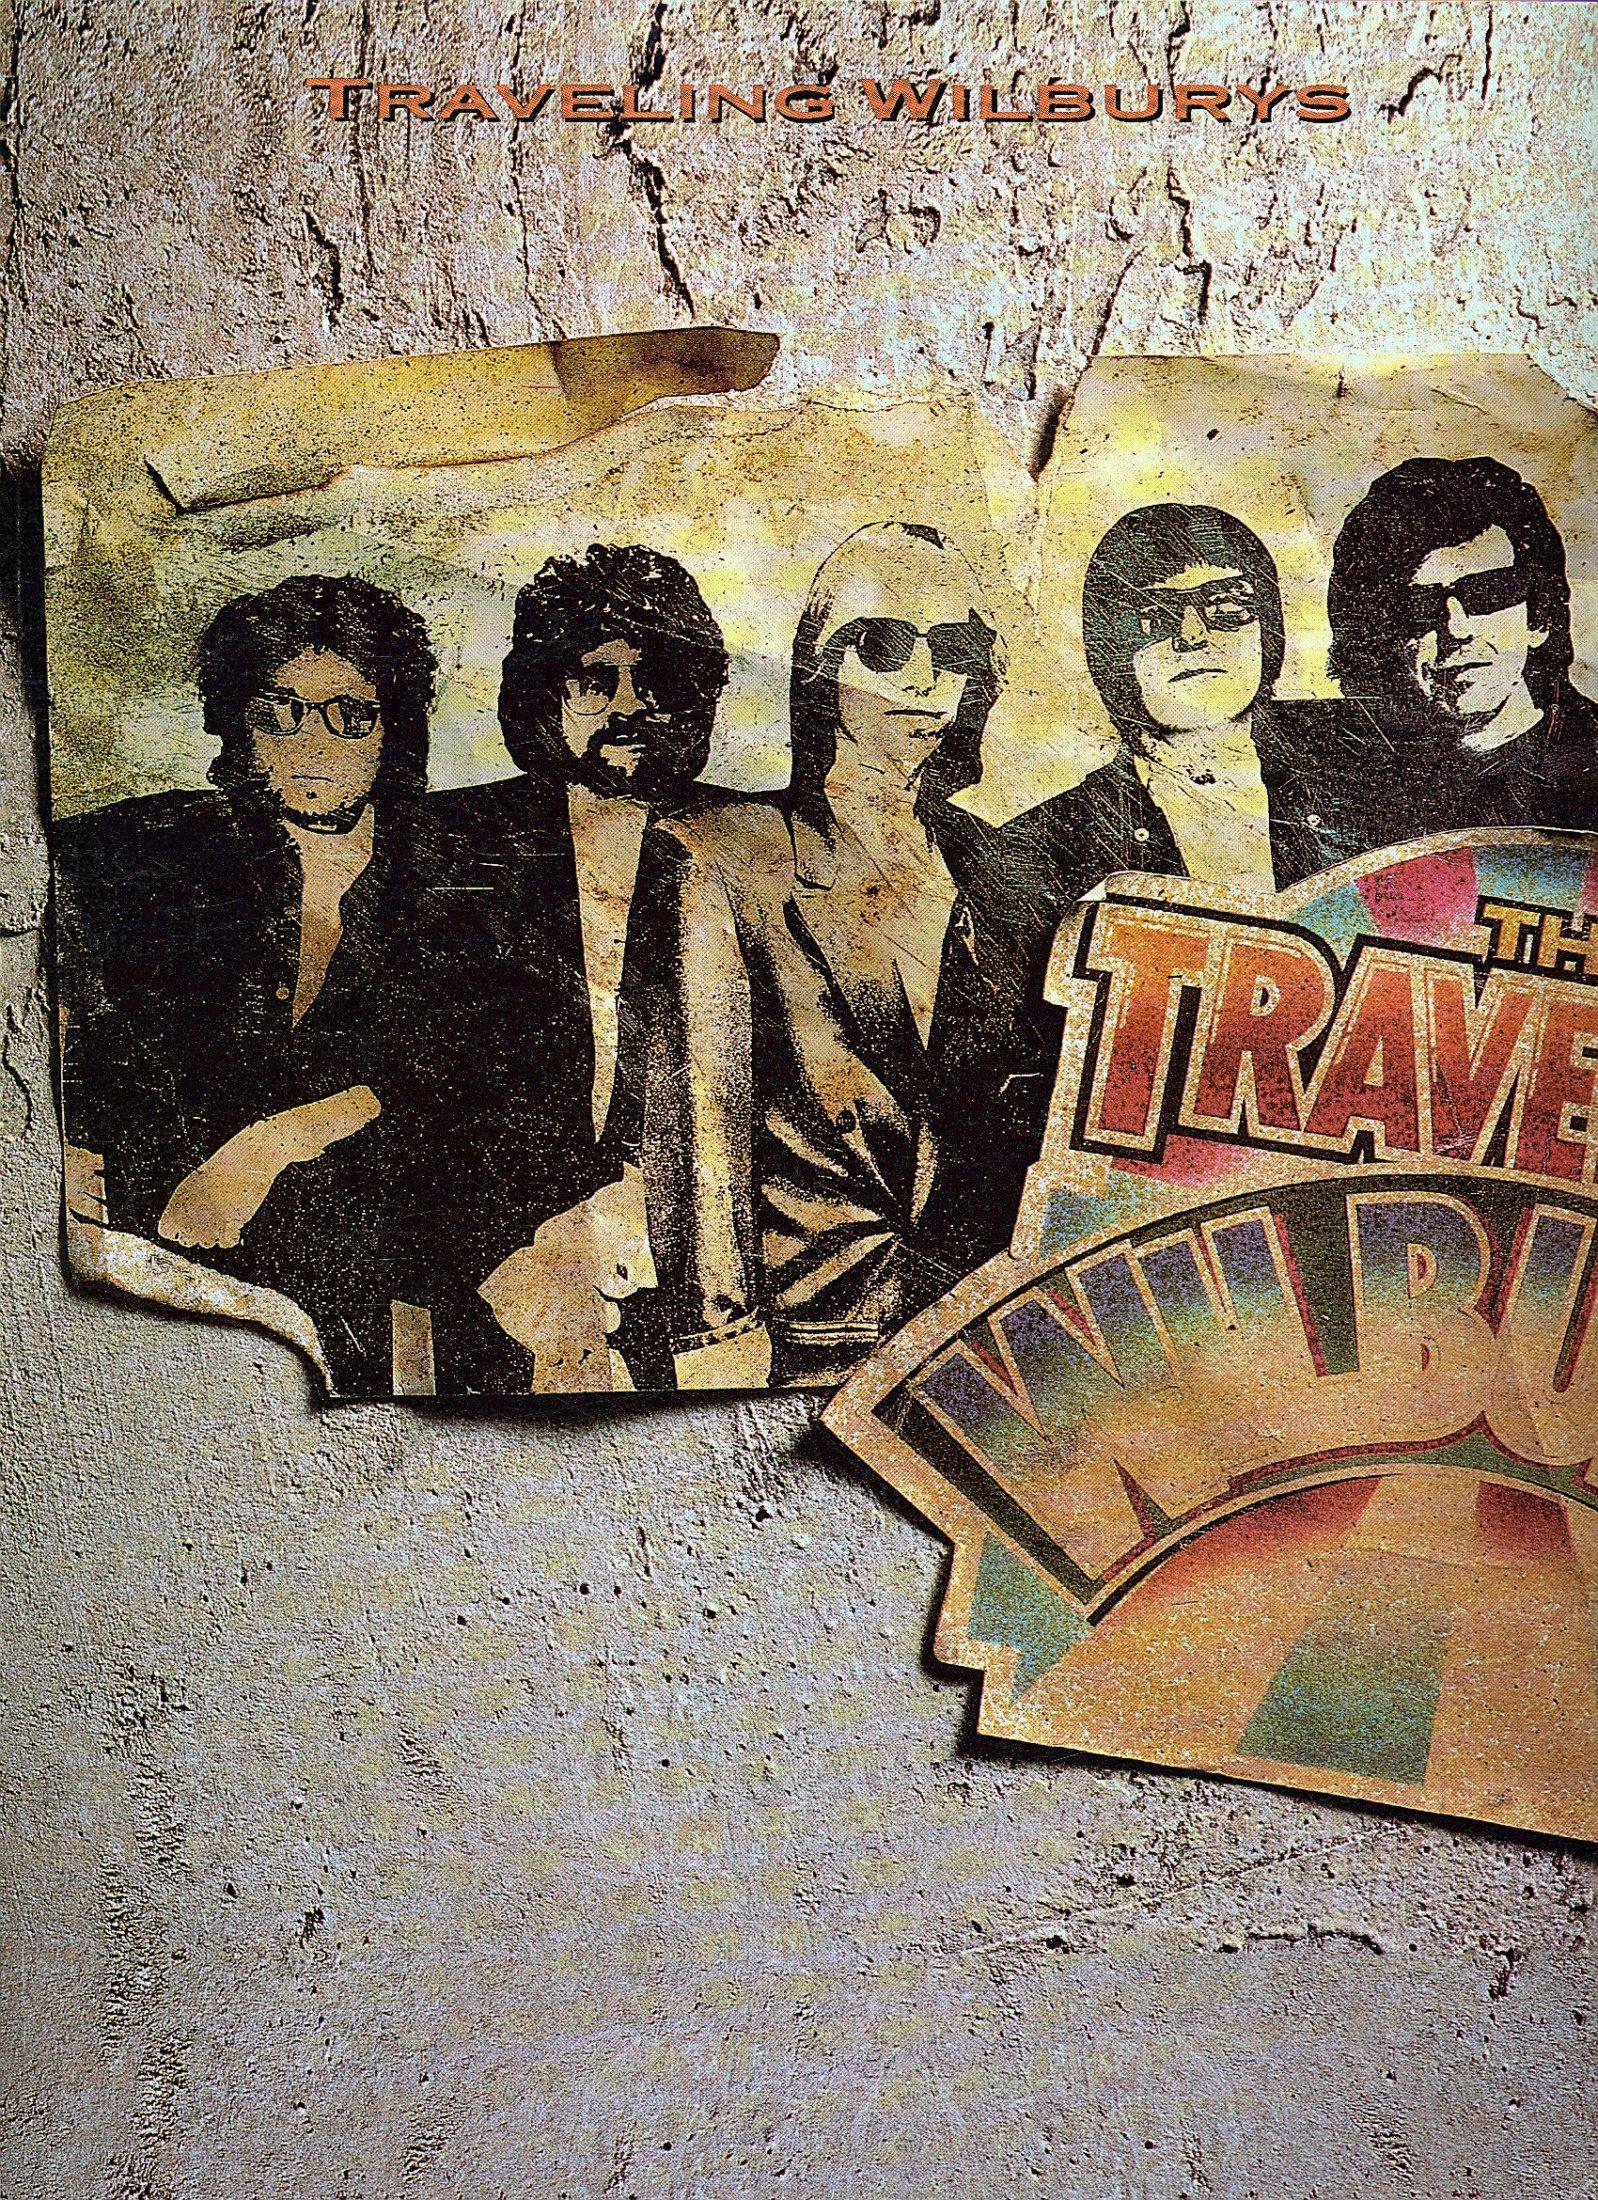 Traveling Wilburys (1)